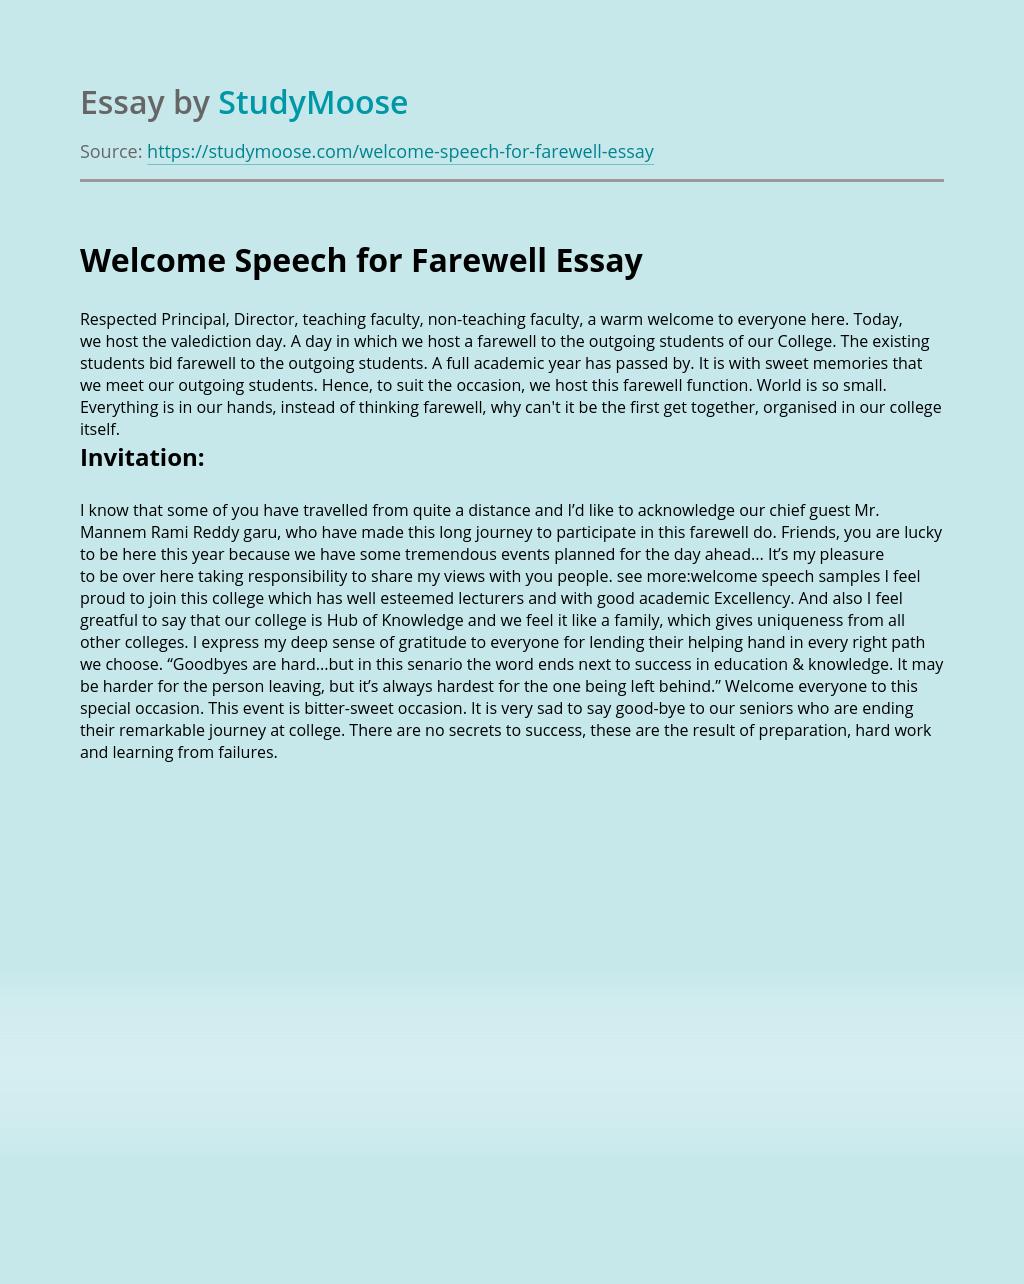 Welcome Speech for Farewell